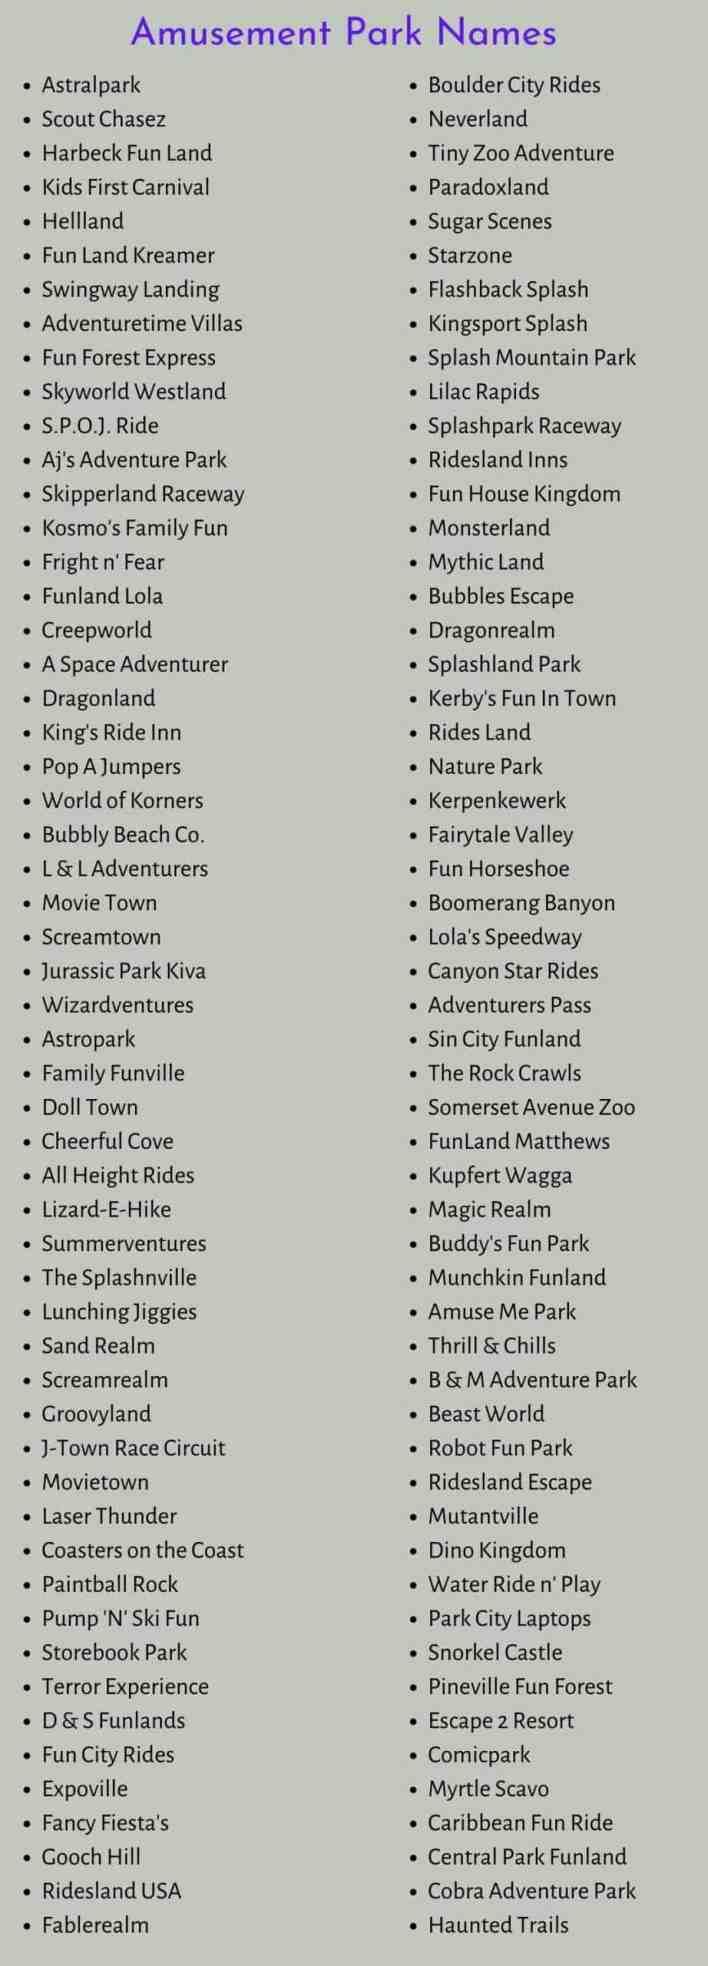 Amusement Park Names